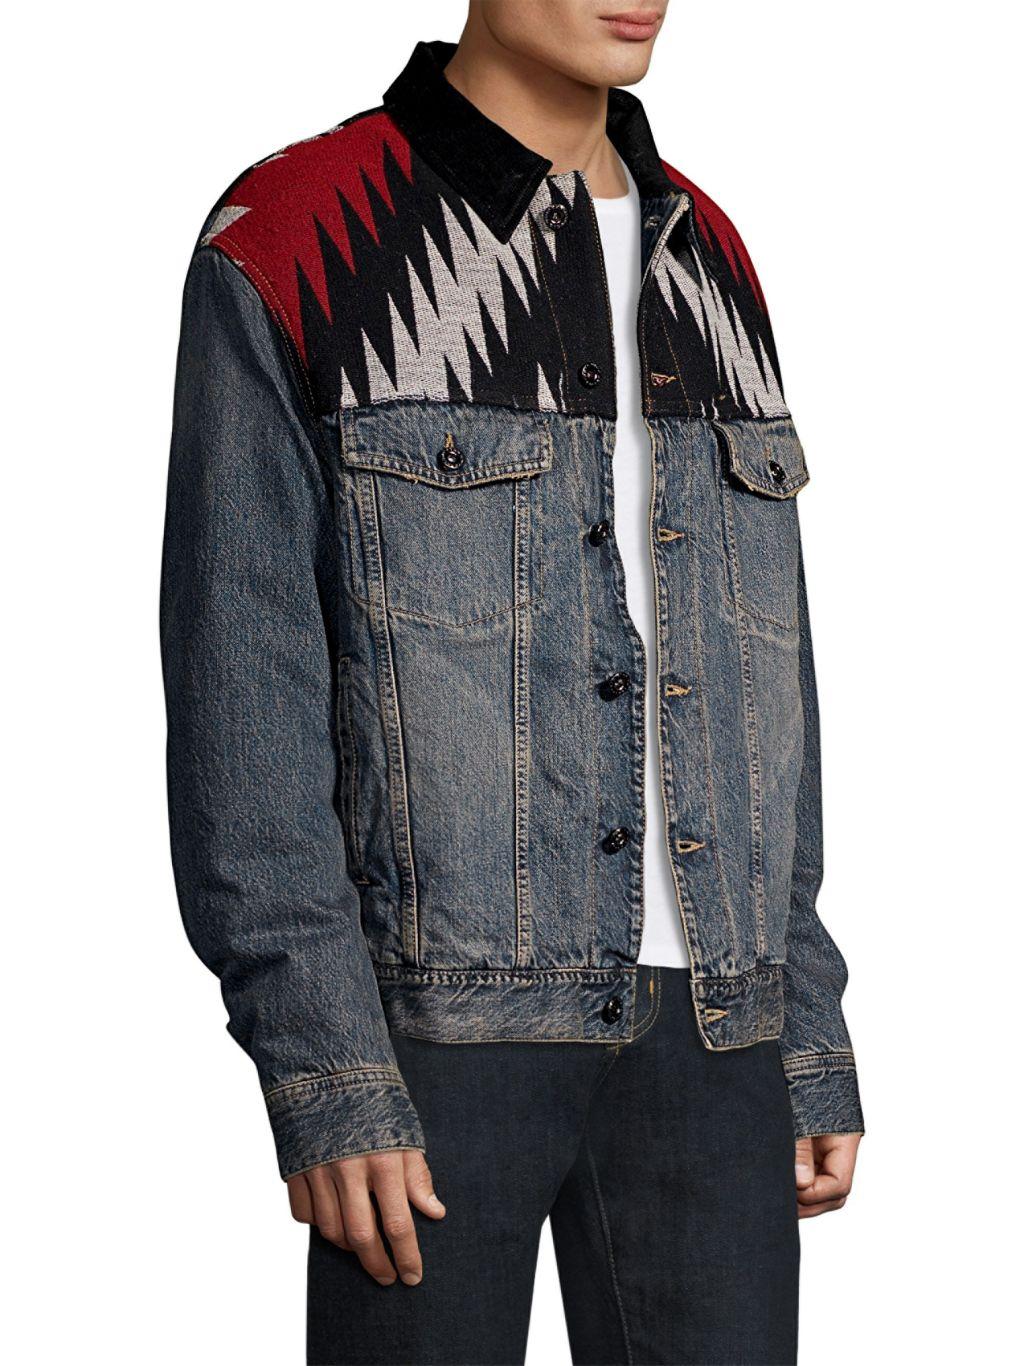 Diesel DBG Embroidered Denim Jacket